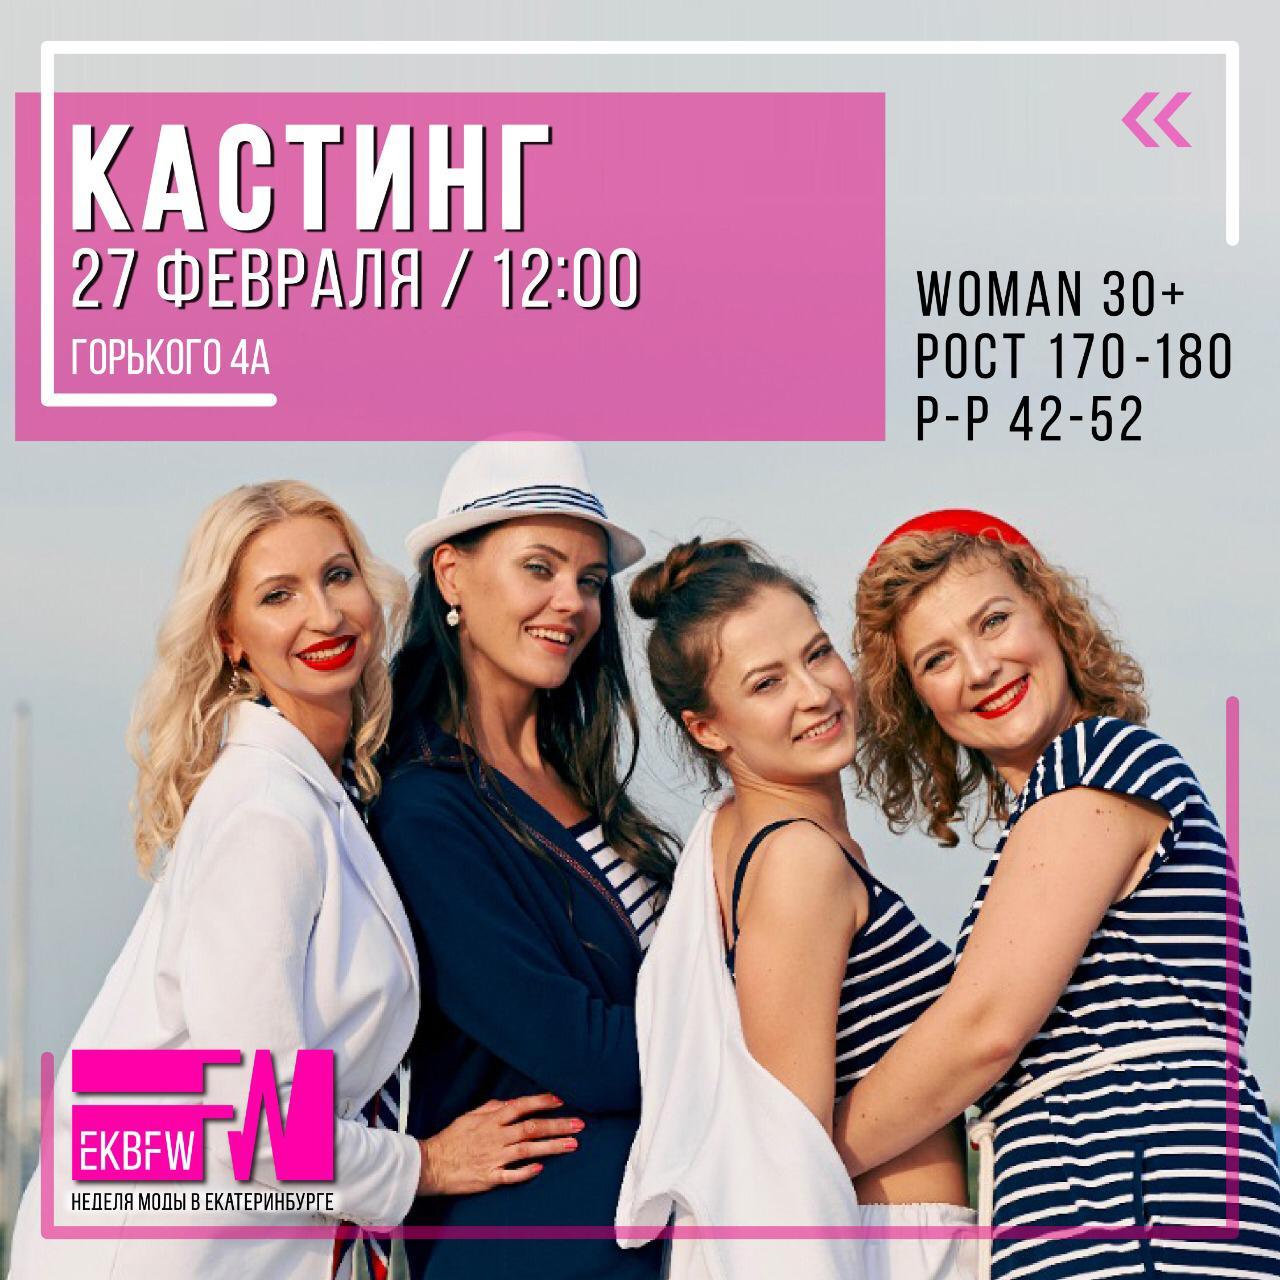 Кастинг девушек для рекламы екатеринбург работа моделью в певек